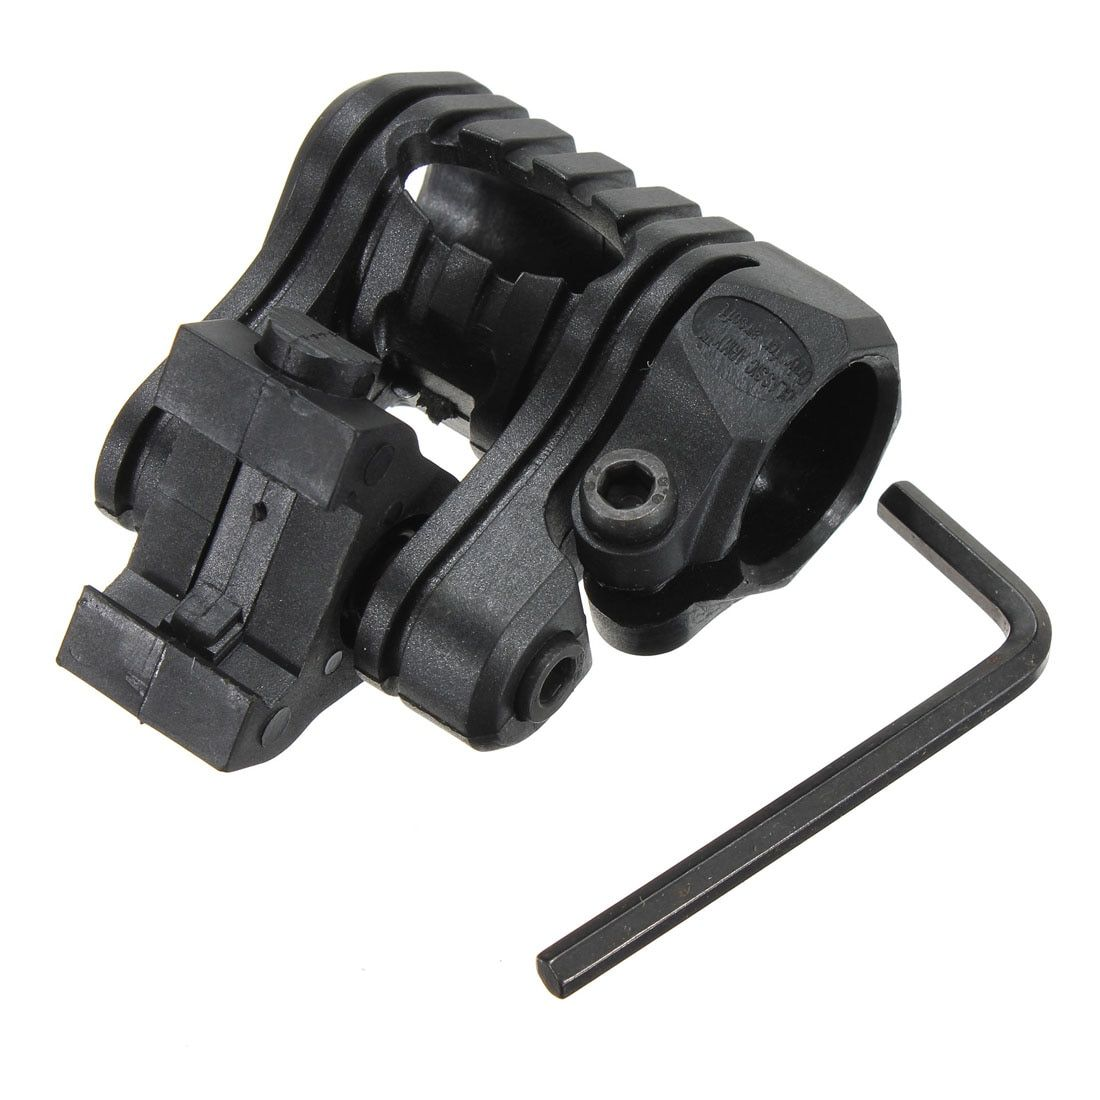 Лидер продаж Тактический 1 дюймов/25 мм 5 положение для Airsoft фонарик лазерная Picatinny 20 мм рейку для Охота